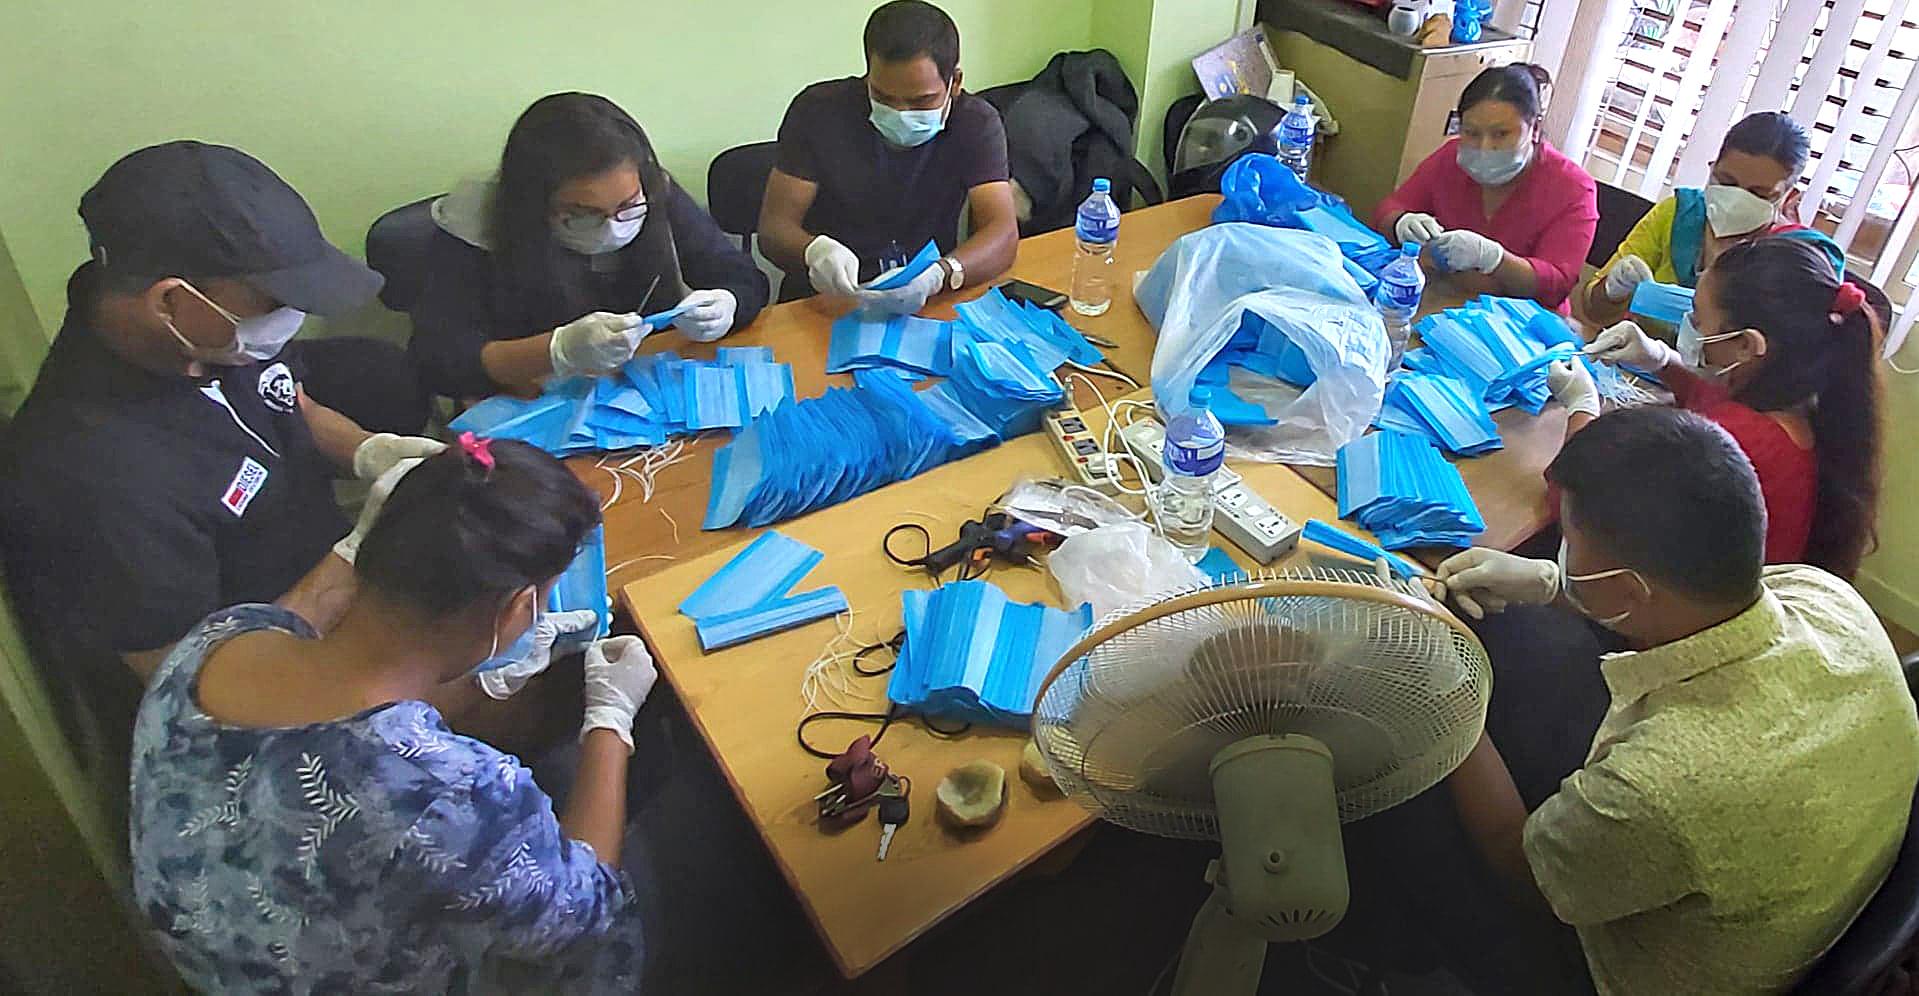 Flera personer sitter kring ett bord och tillverkar ansiktsmasker.